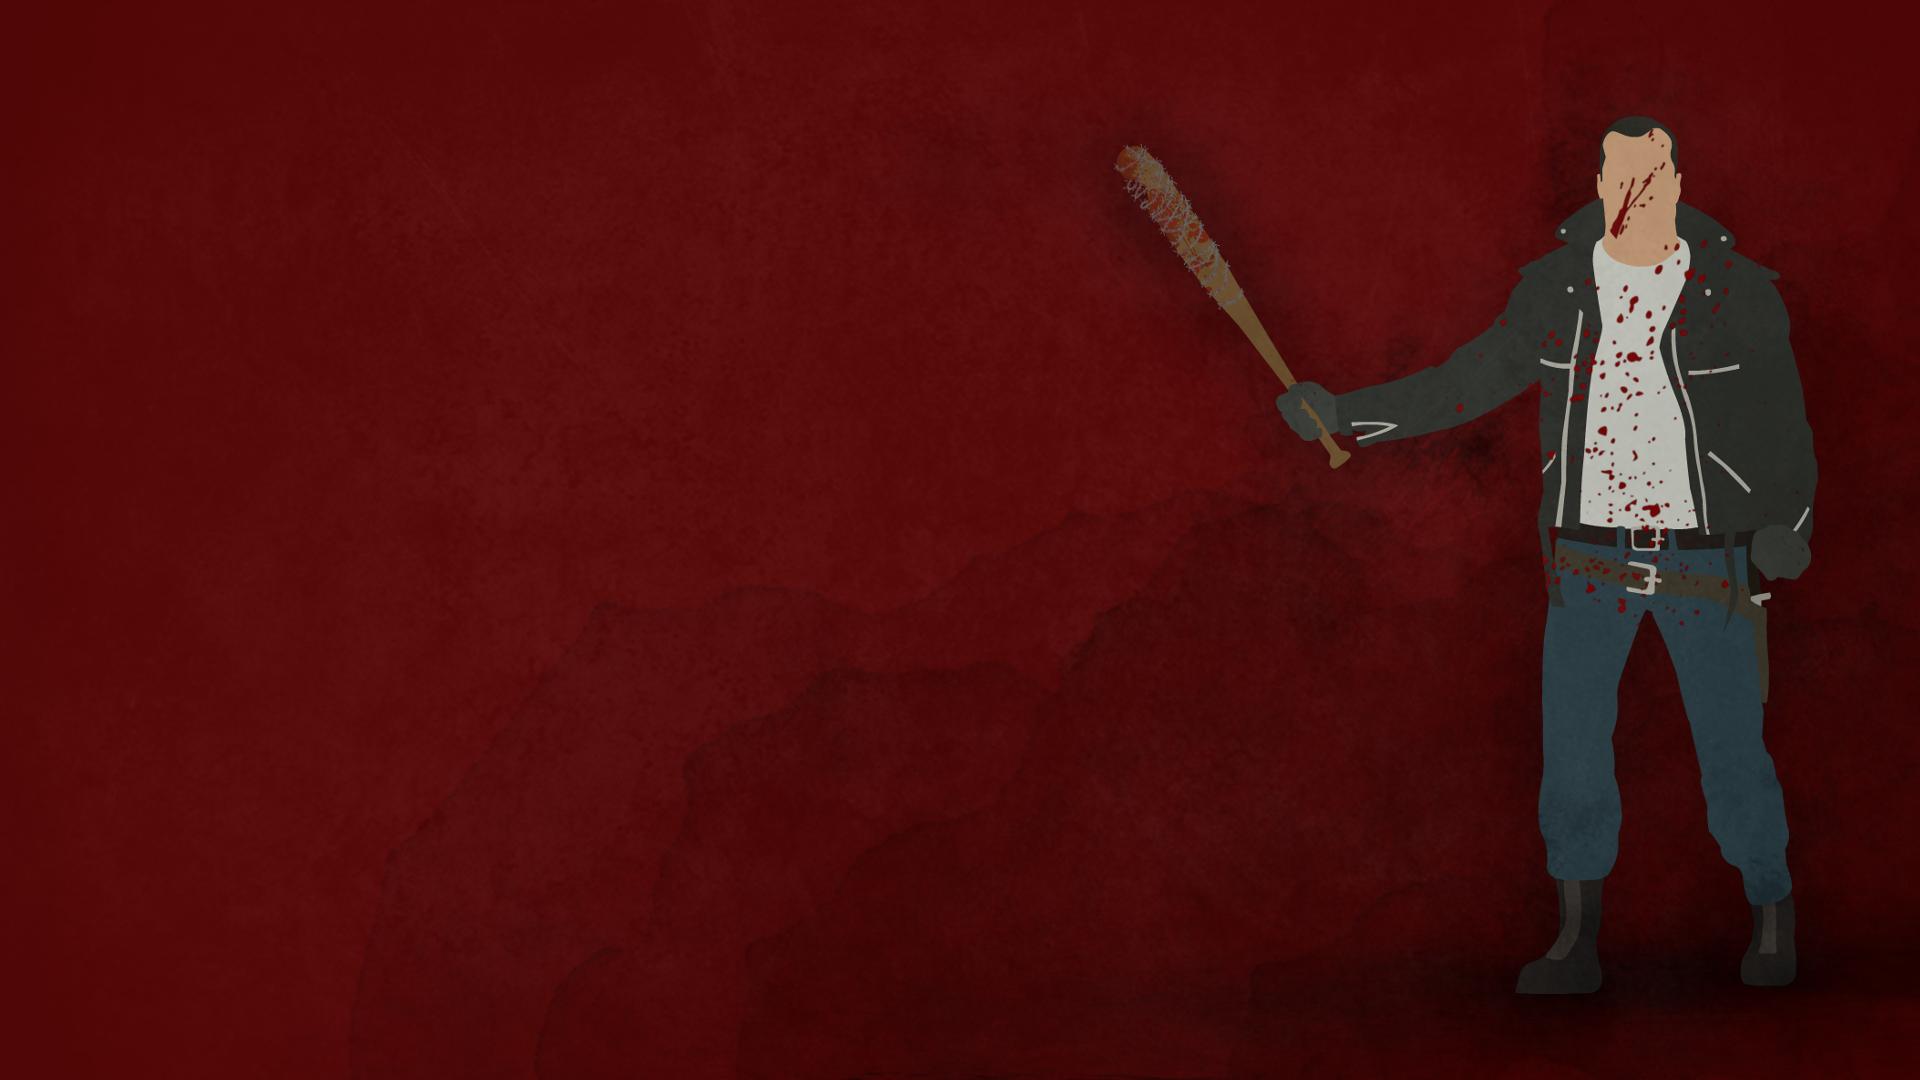 The Walking Dead Negan Wallpaper: The Walking Dead By Dragonitearmy On DeviantArt